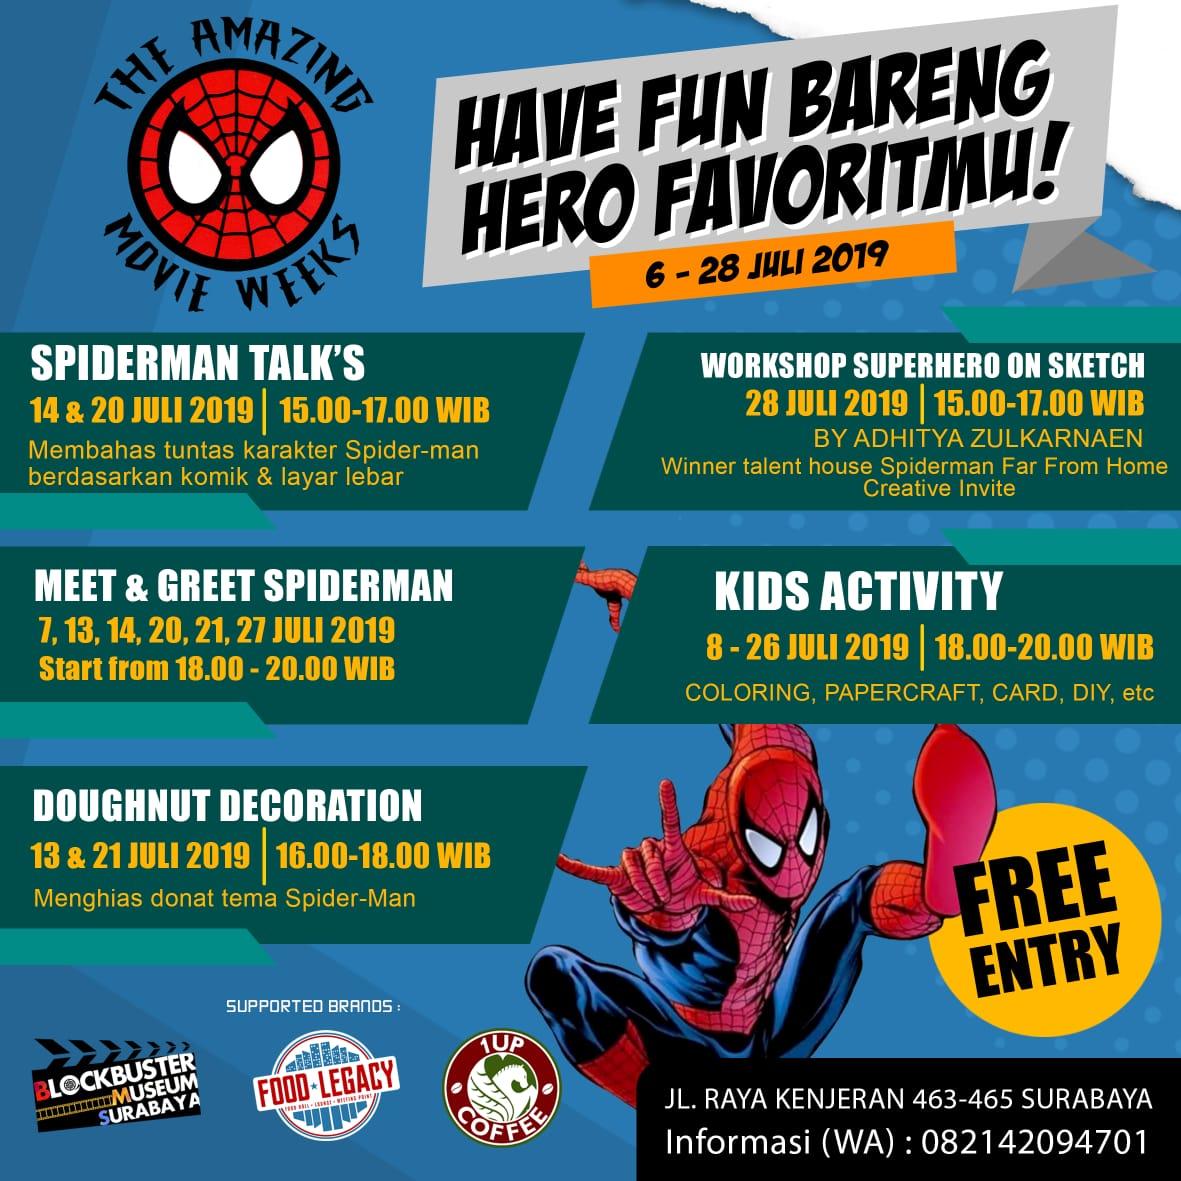 Event Surabaya On Twitter The Amazing Movie Weeks 2019 Have Fun Bareng Hero Favoritmu 6 28 Juli 2019 Jl Raya Kenjeran 463 465 Surabaya Free Entry Informasi 082142094701 Https T Co V9guazikhf